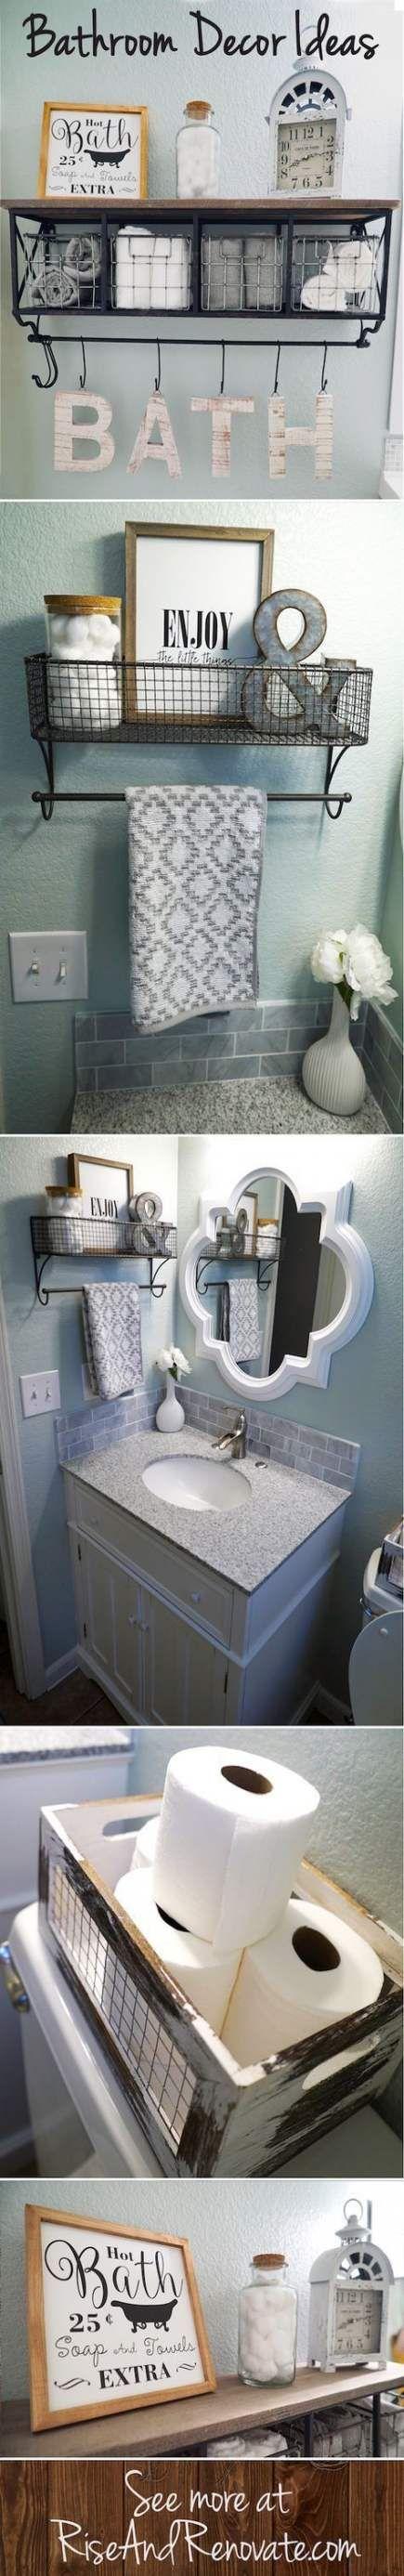 40 Super Ideas Bath Room Vintage Diy Mirror Diy Bath Bathroom Mirror Makeover Bathroom Mirrors Diy Bathroom Vanity Decor